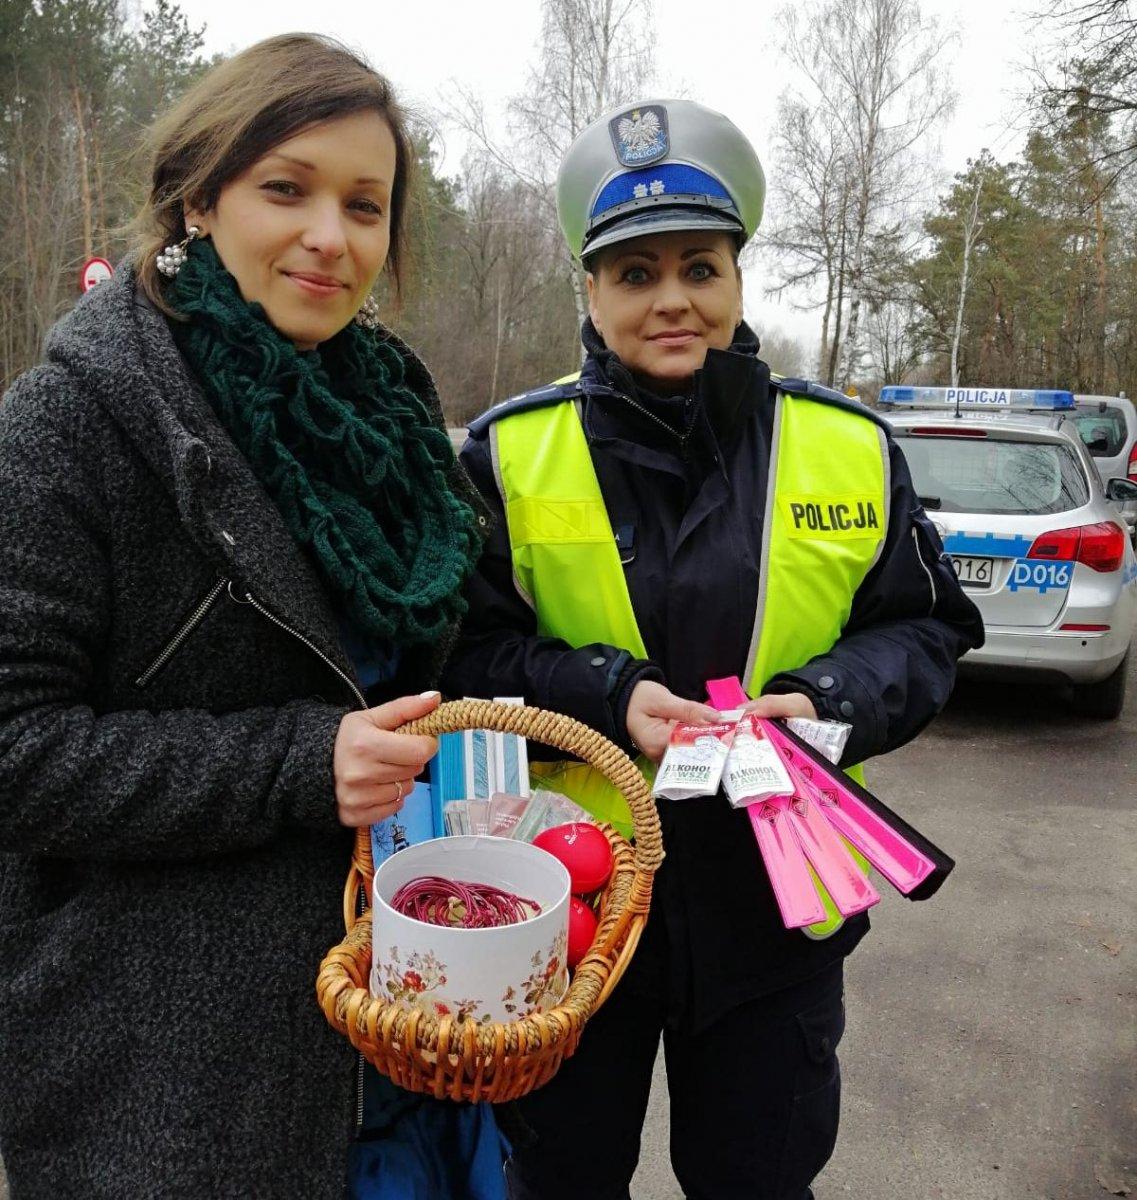 policjantka i pracownica muzeum z gadżetami